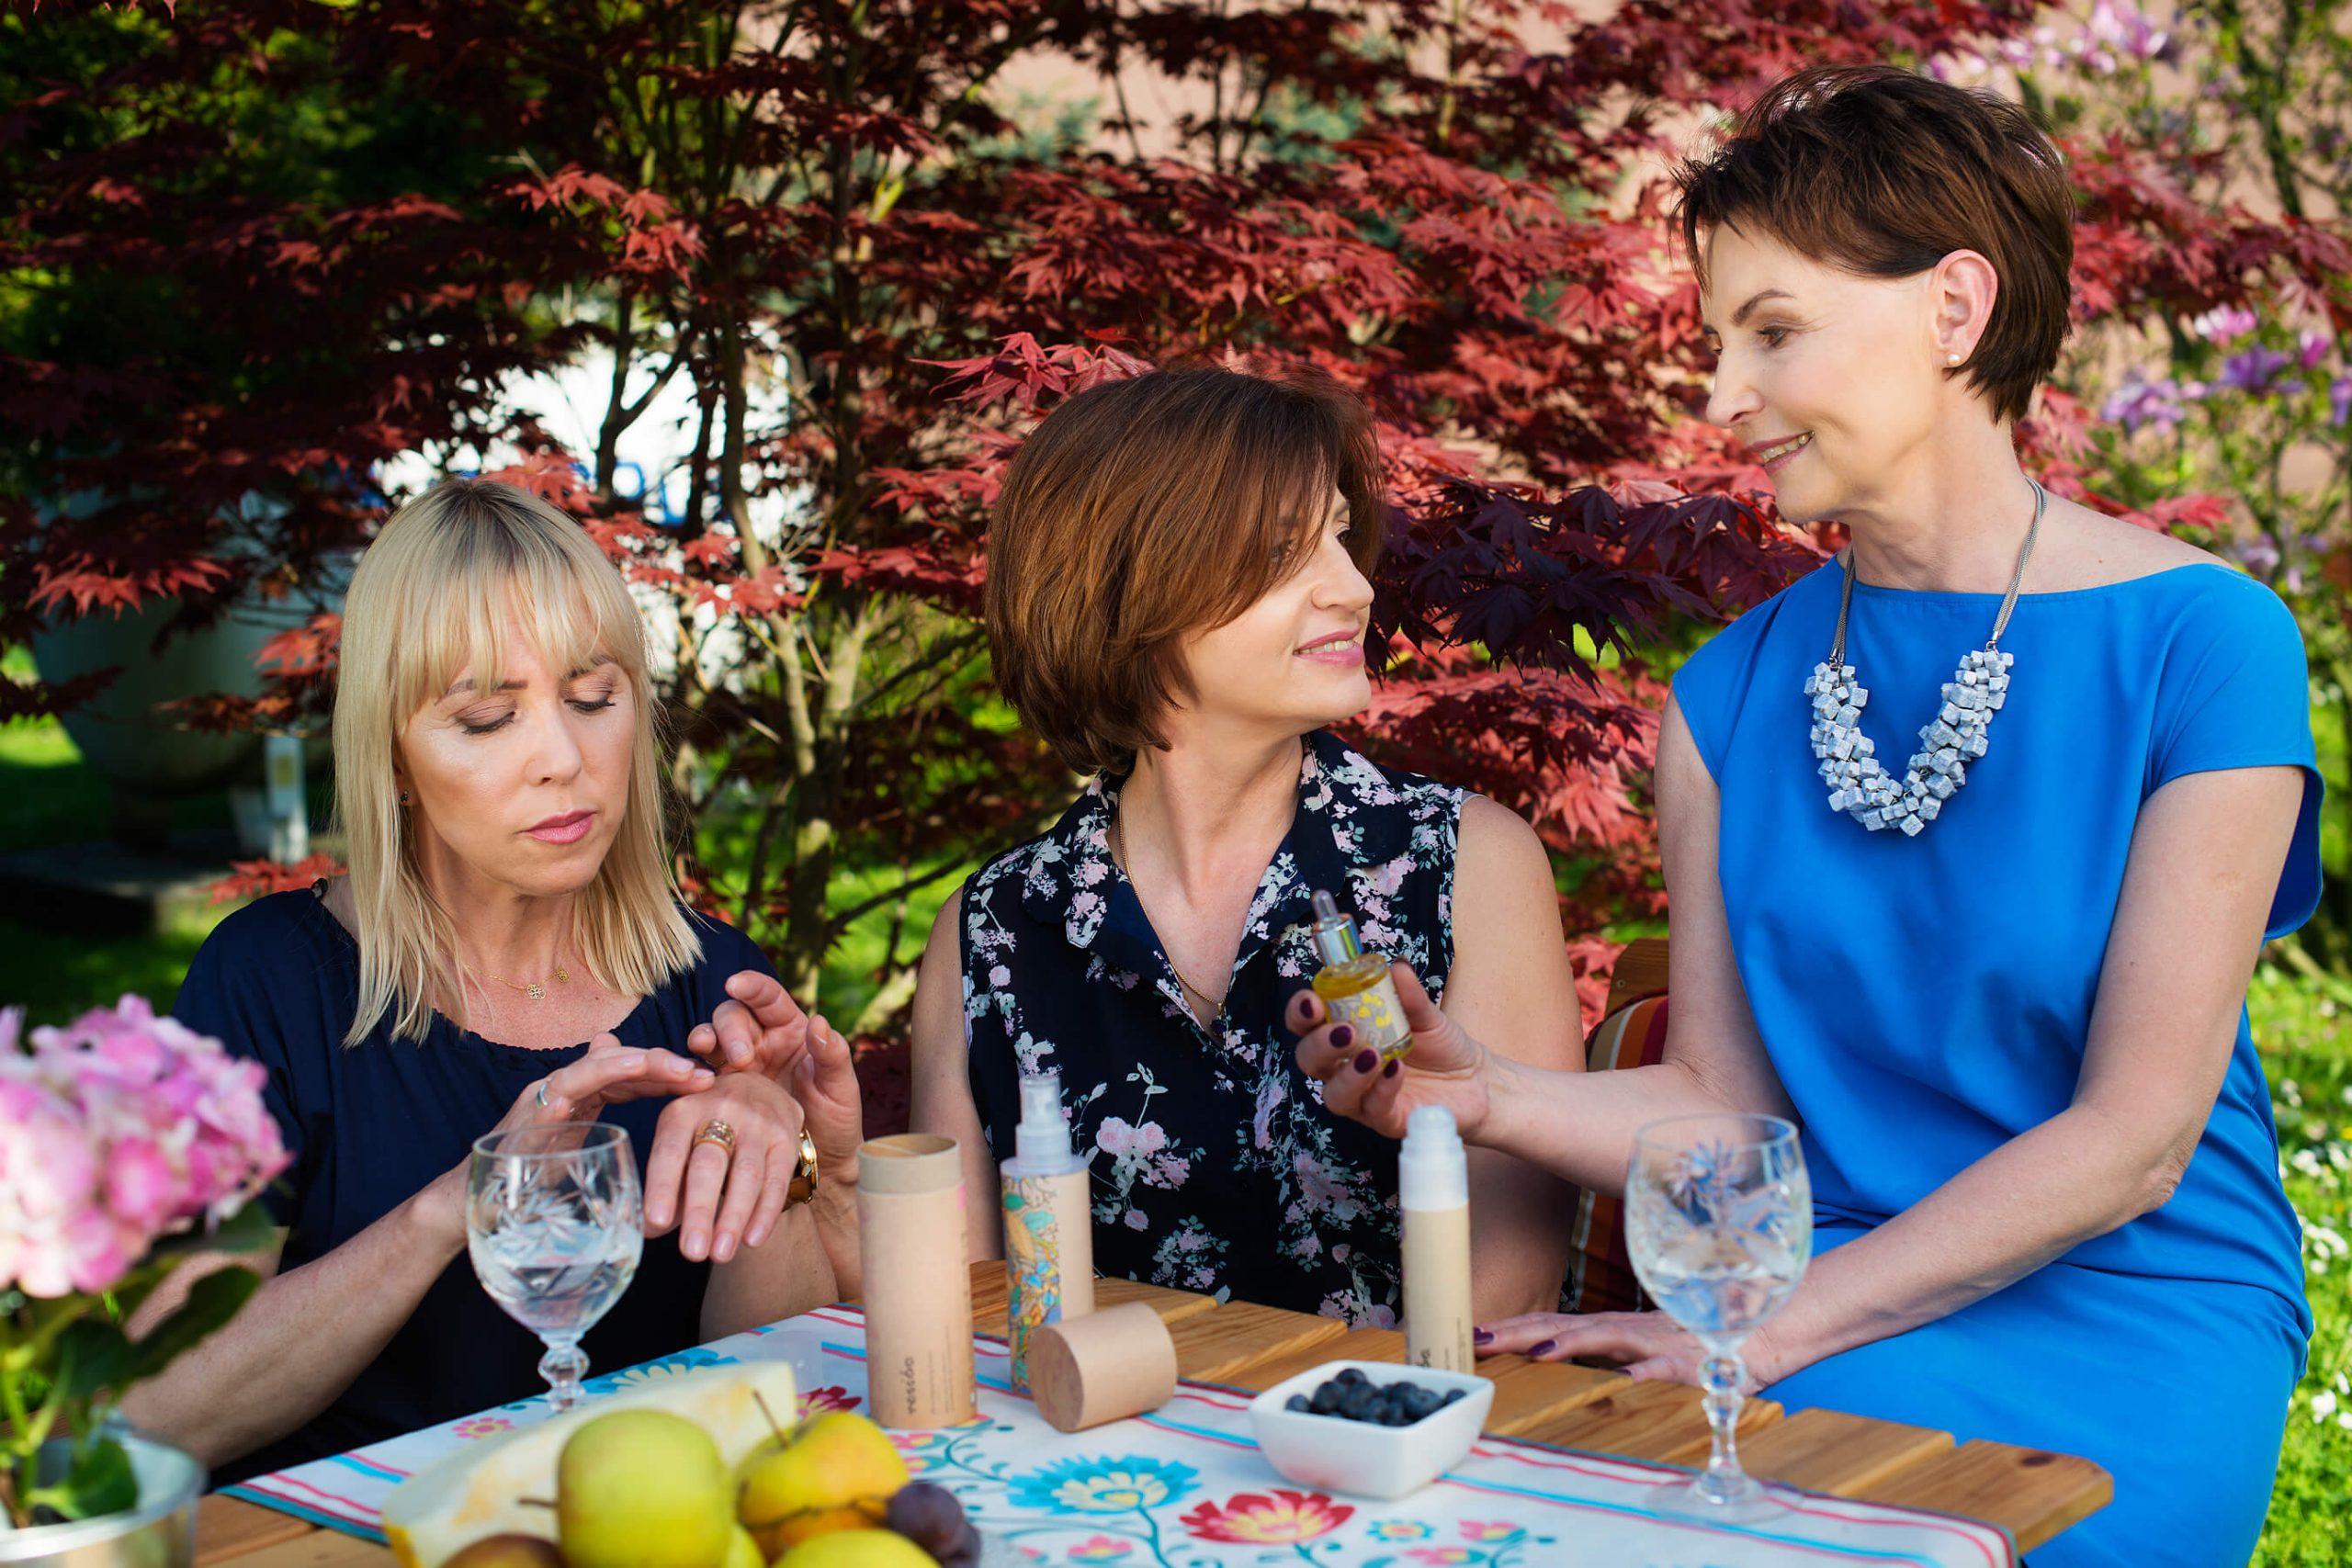 kosmetyki dla cery dojrzałej kobiety dojrzałe w ogrodzie testują kosmetyki i piją wodę